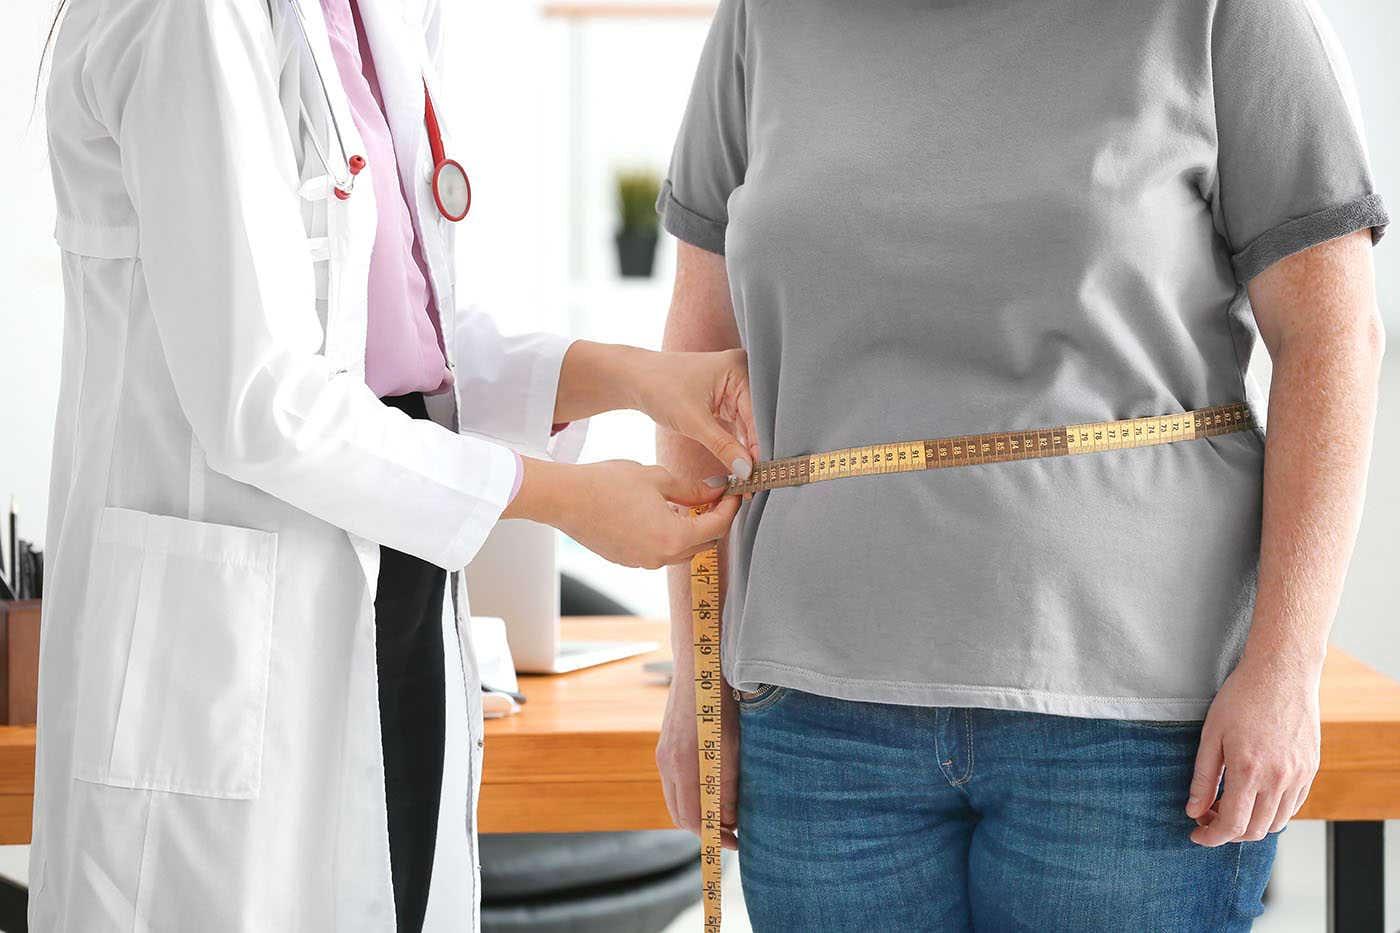 Obezitatea și boala Alzheimer: cum sunt conectate?